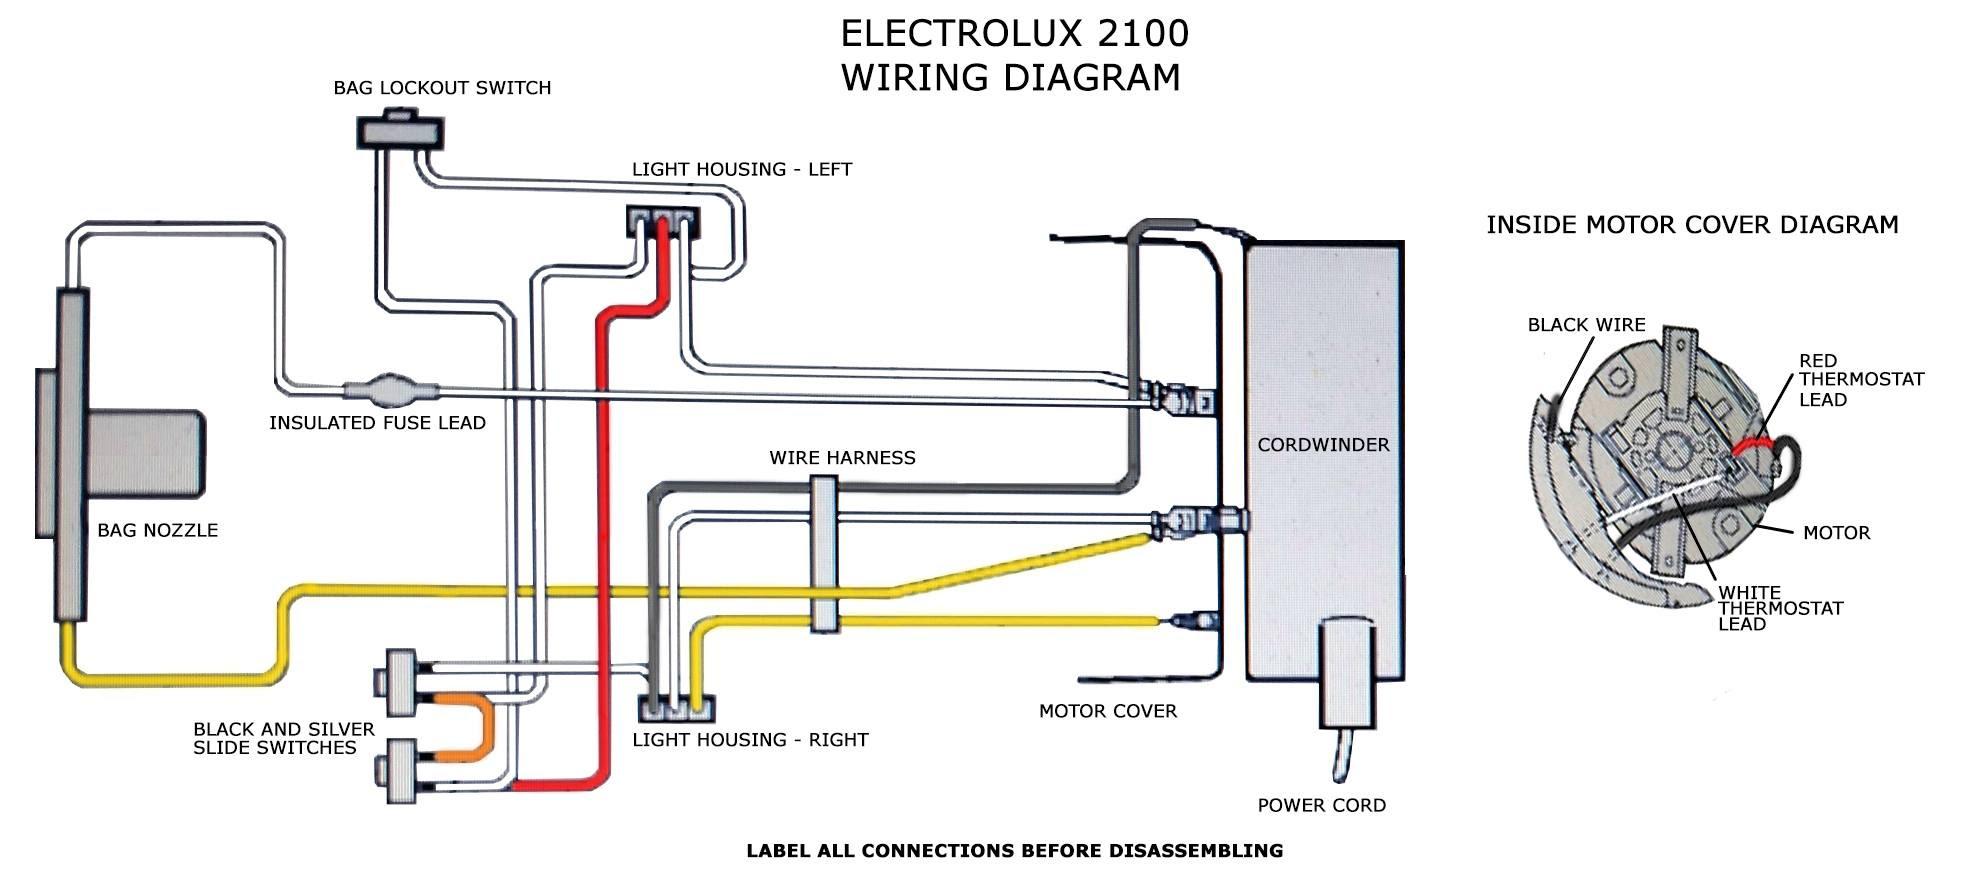 Vacuum Cleaner Wiring Diagram | Beam Central Vacuum Wiring Diagram |  | vacumme - blogger